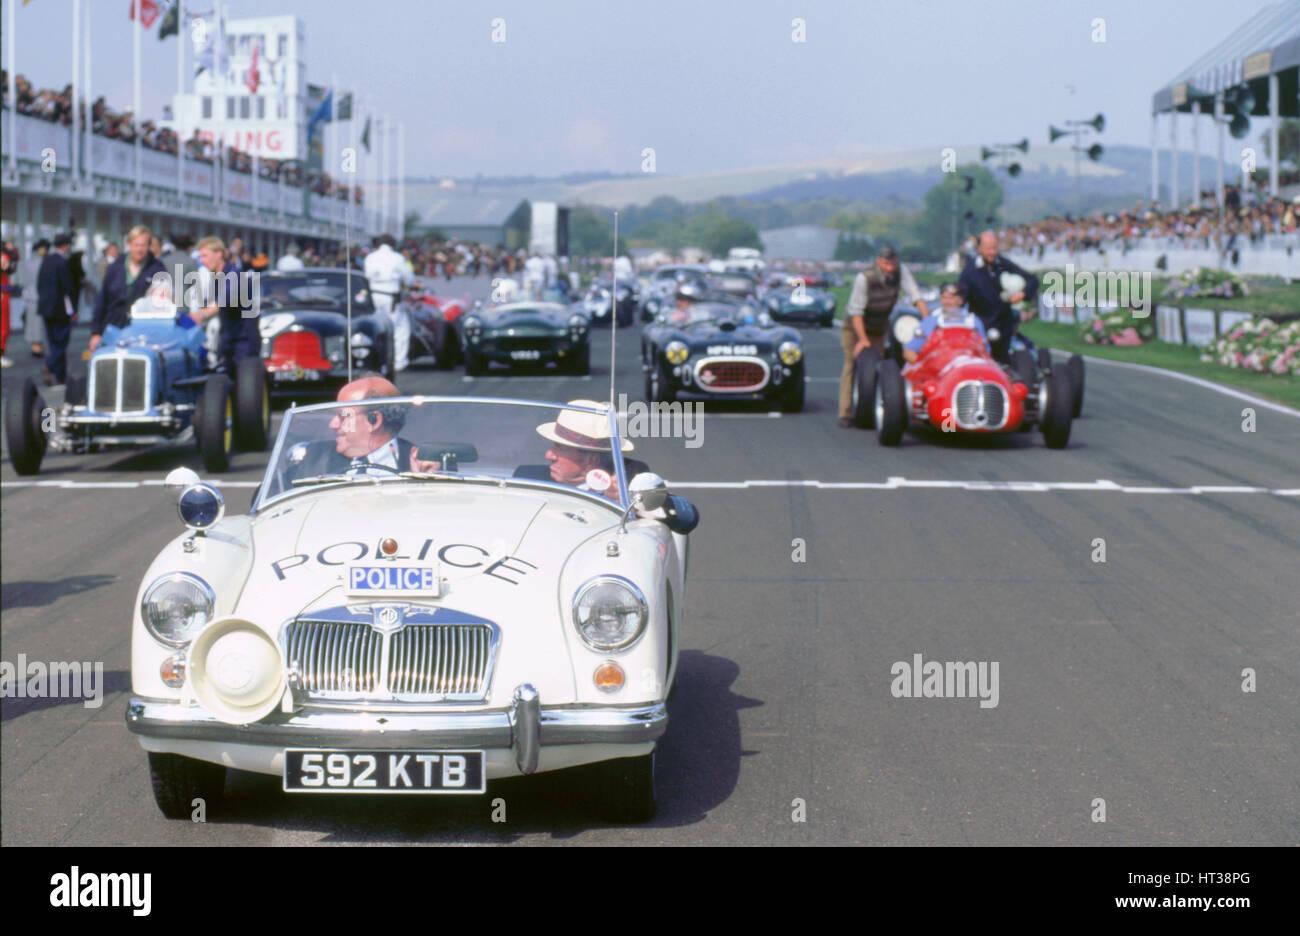 1998 beim Goodwood Revival. MGA-Polizei-Auto, auf der Startaufstellung. Künstler: unbekannt. Stockfoto